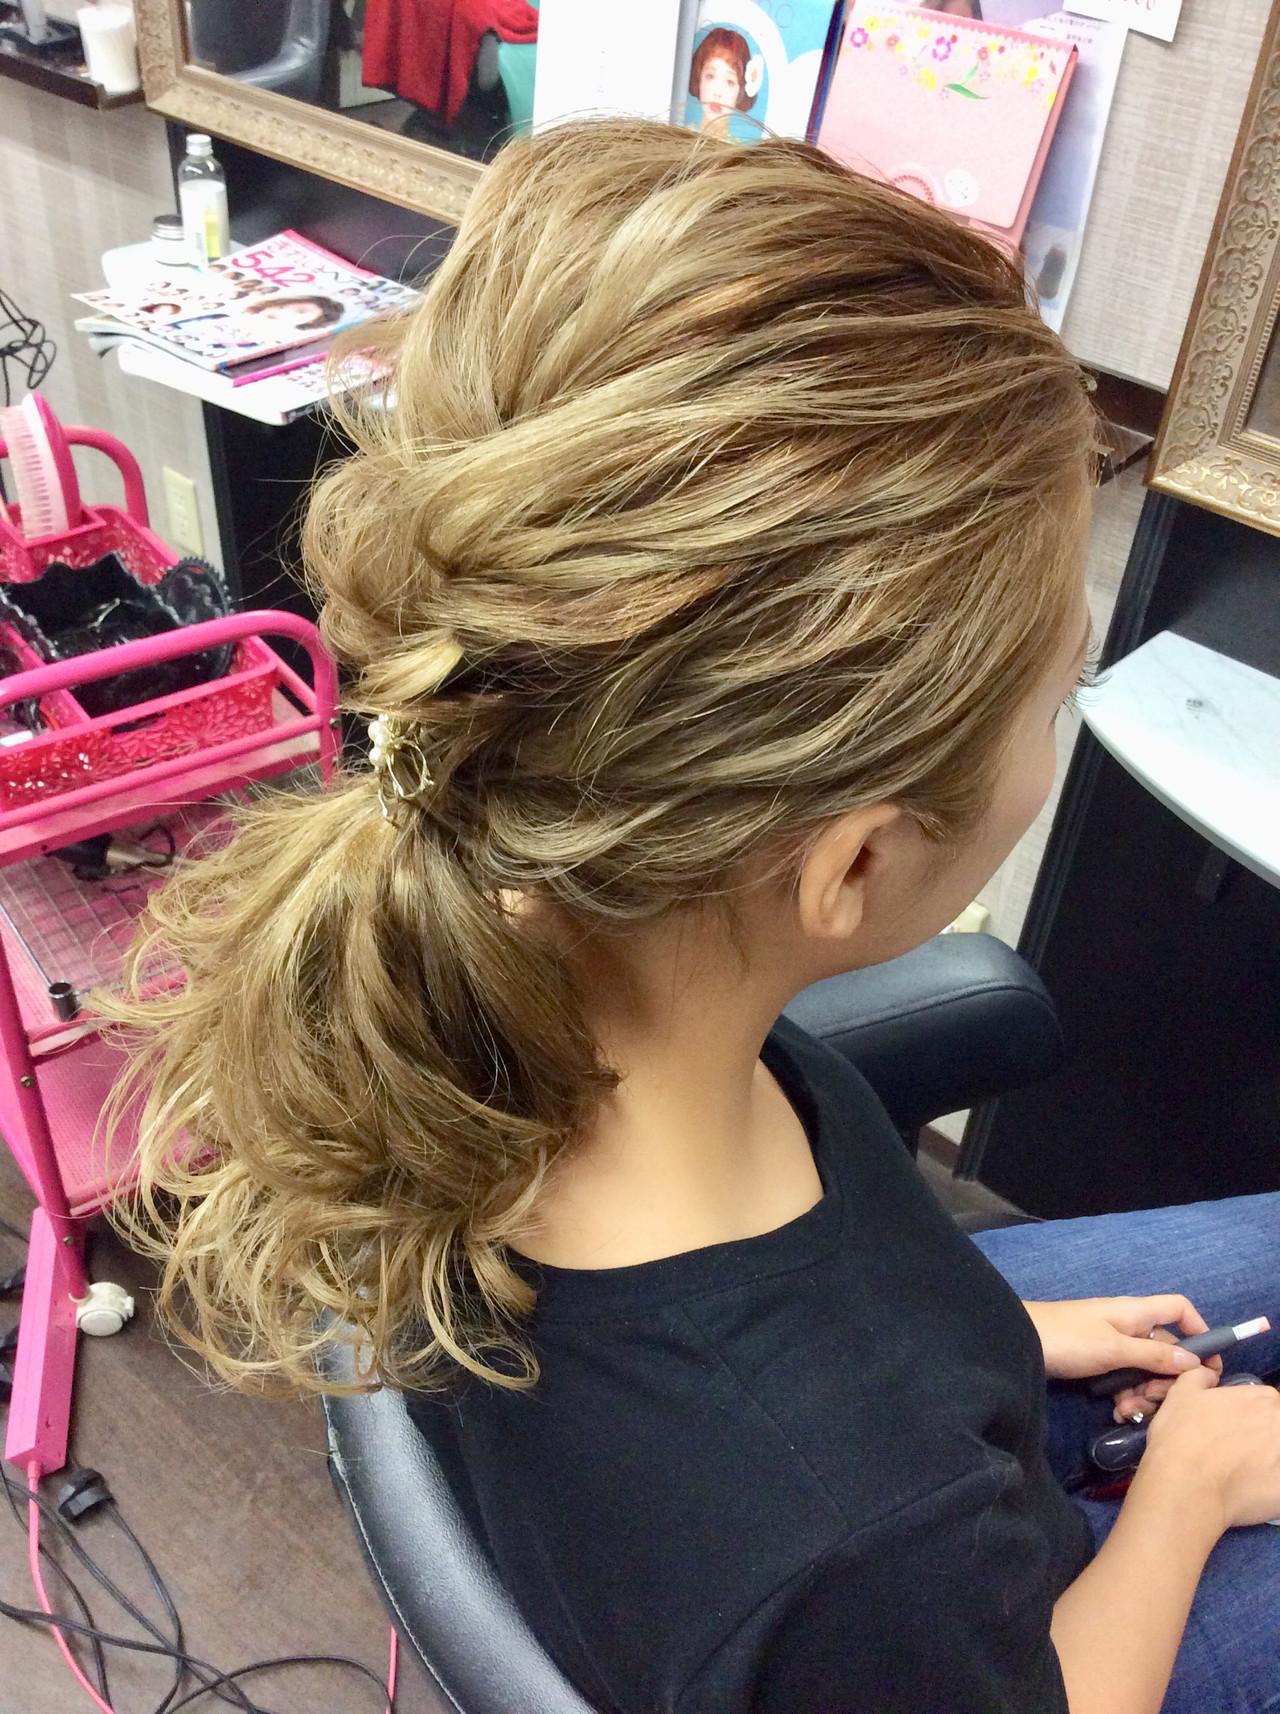 ポニーテール ヘアアレンジ デート セミロング ヘアスタイルや髪型の写真・画像 | rumiLINKS美容室 / リンクス美容室